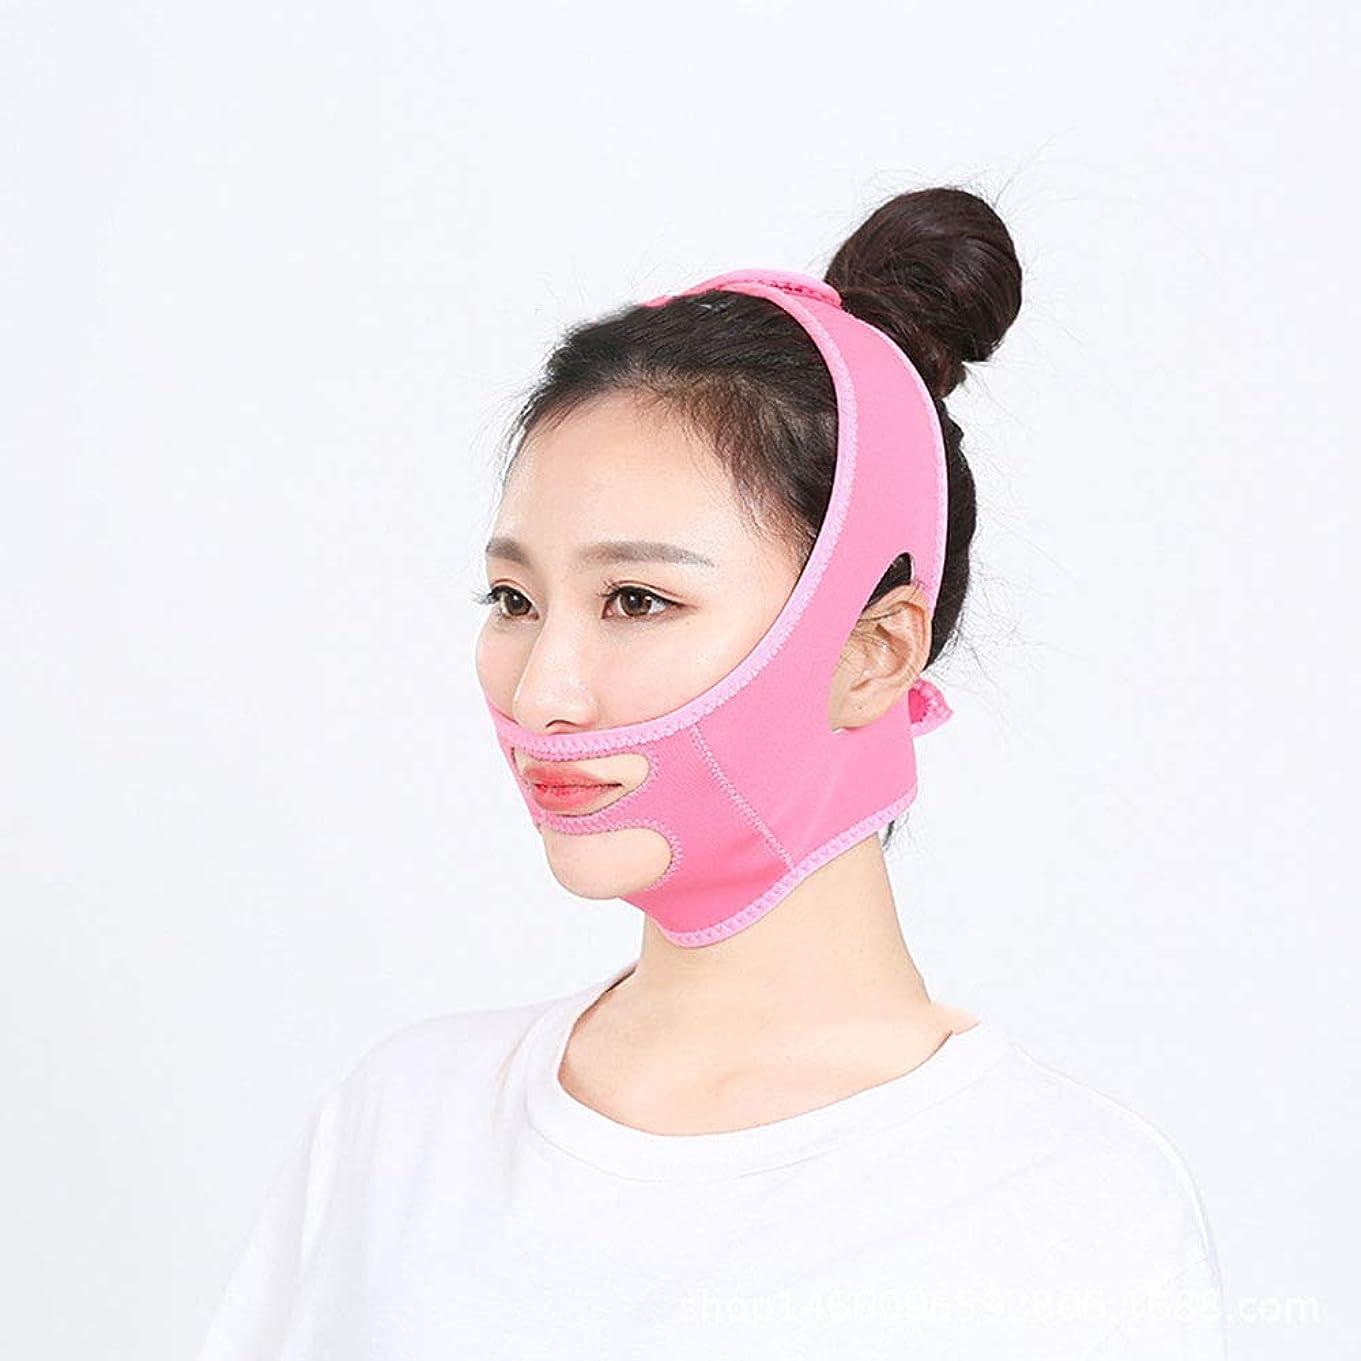 亜熱帯ミキサー有限フェイスリフトマスク包帯、フェイスリフティングアーティファクト/vフェイススリープマスク/フェイスリフト補正メロンフェイスシェイパー(ブルー/パープル/ピンク),Pink